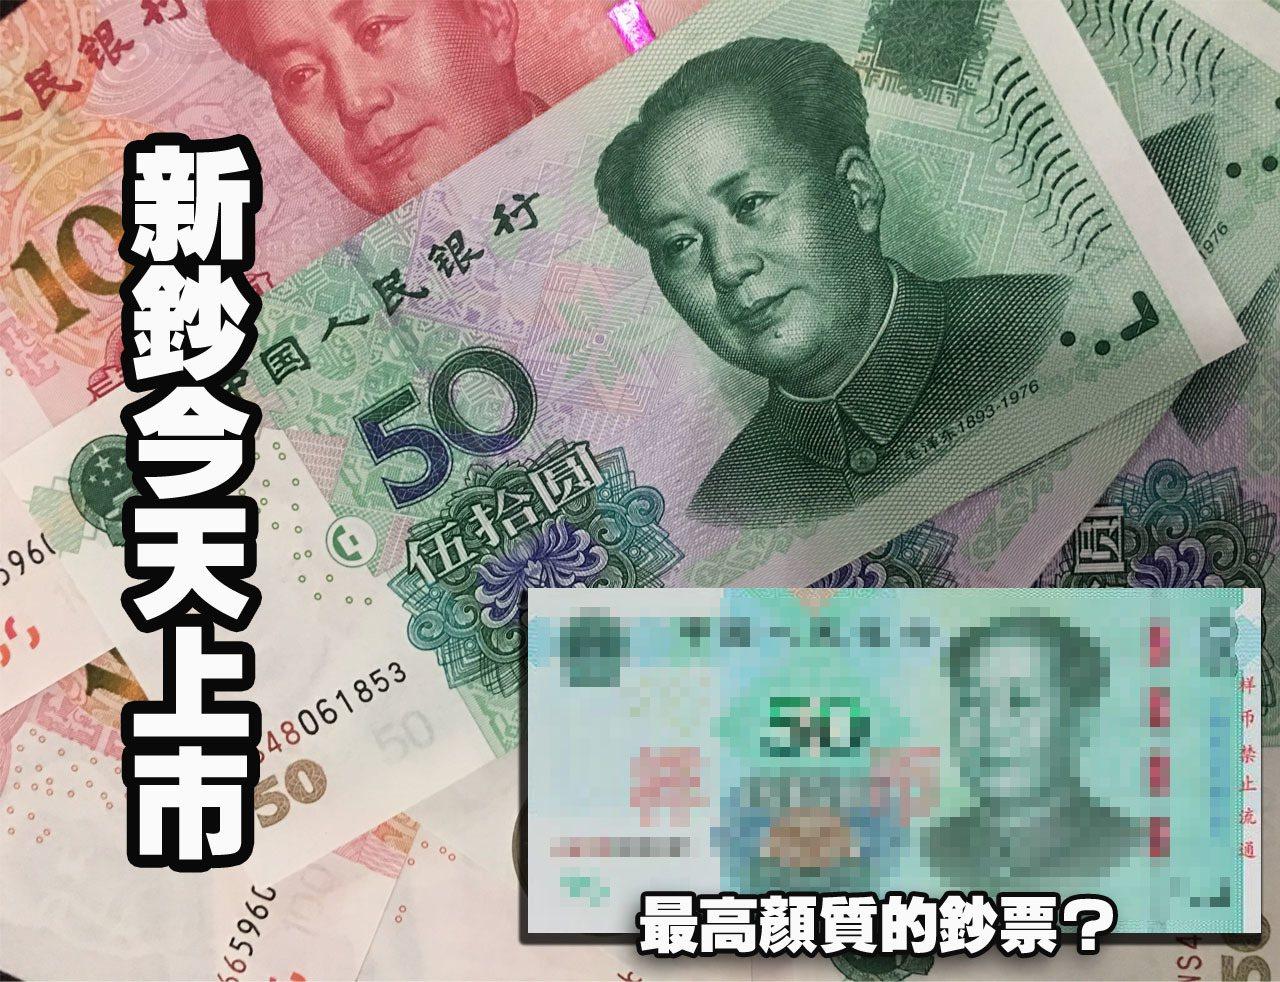 大陸人民幣改版,2019年版第五套人民幣今日將正式發行。 圖/聯合報系資料照片、...